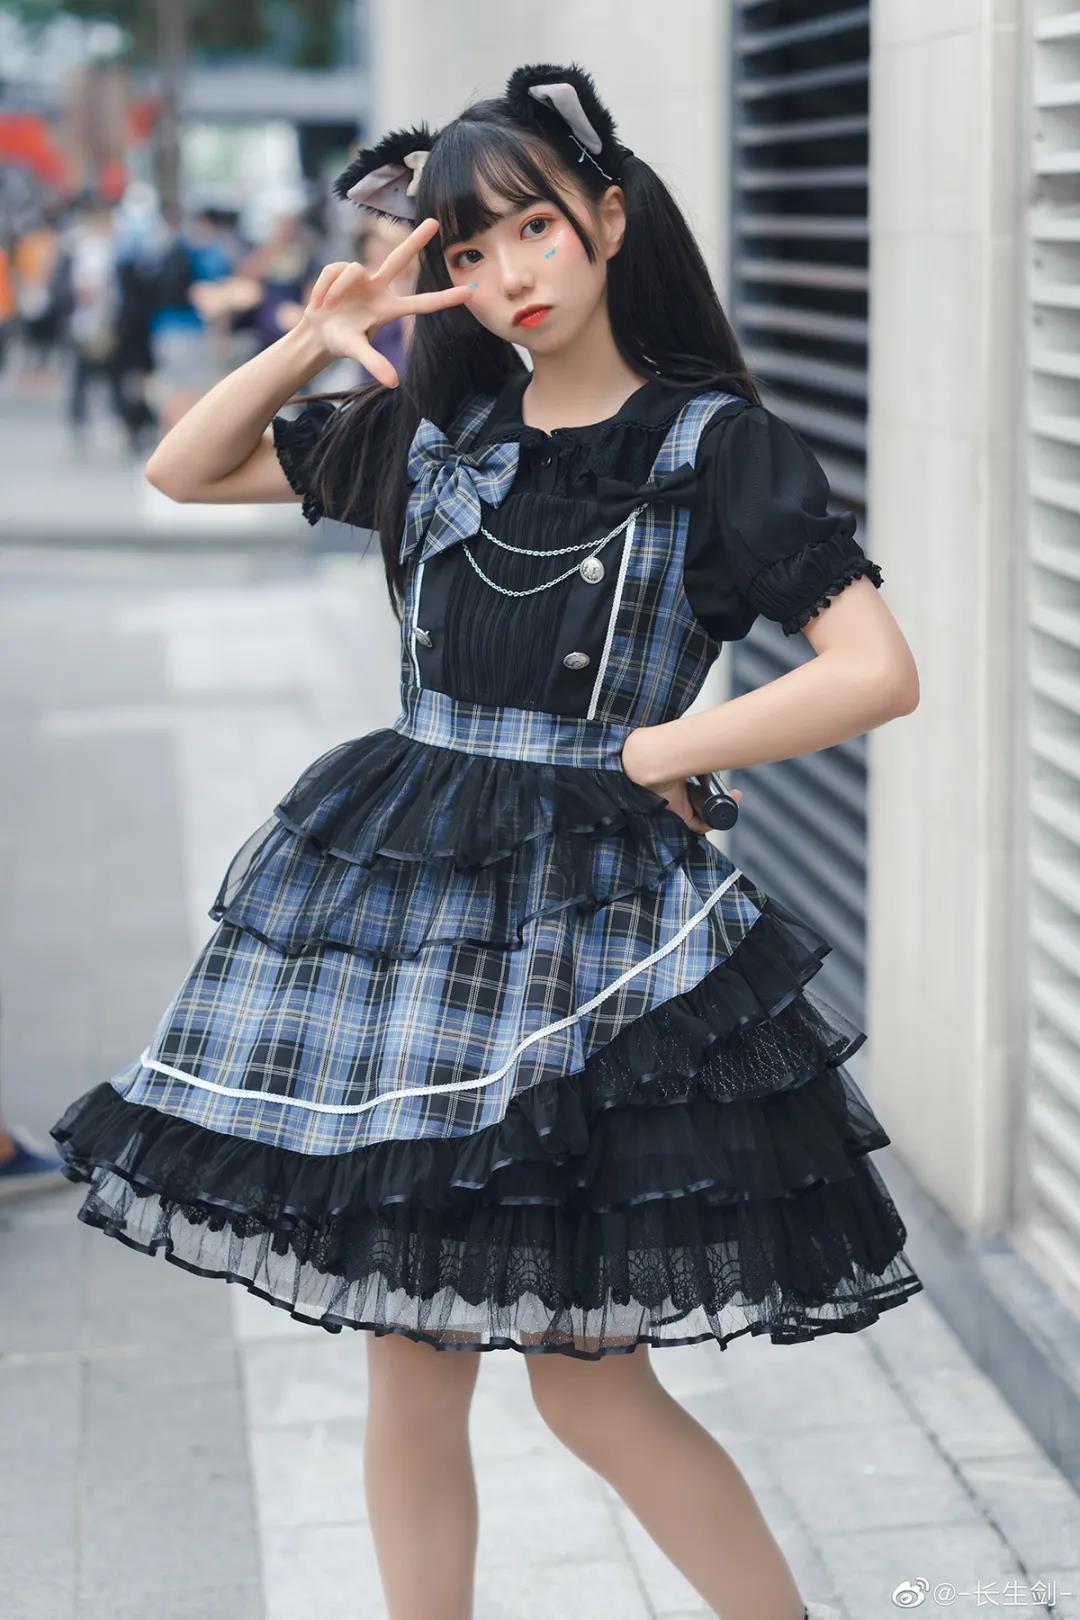 魔法少女蕉偶像歌手小猫娘写真,软萌可爱MAX